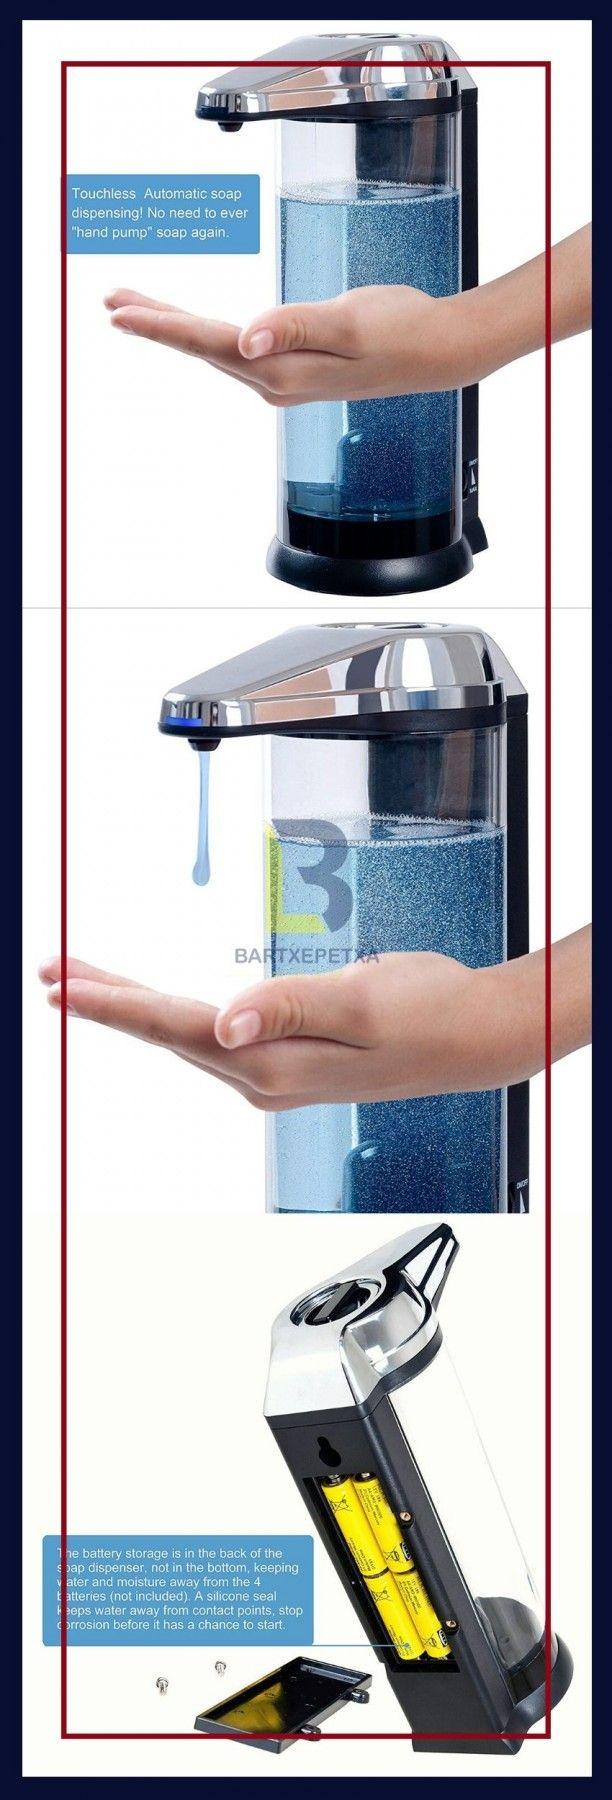 15 Images Soap Dispenser For Kitchen Sink Eugenehollander In 2020 Kitchen Soap Dispenser Bathroom Soap Dispenser Soap Dispenser